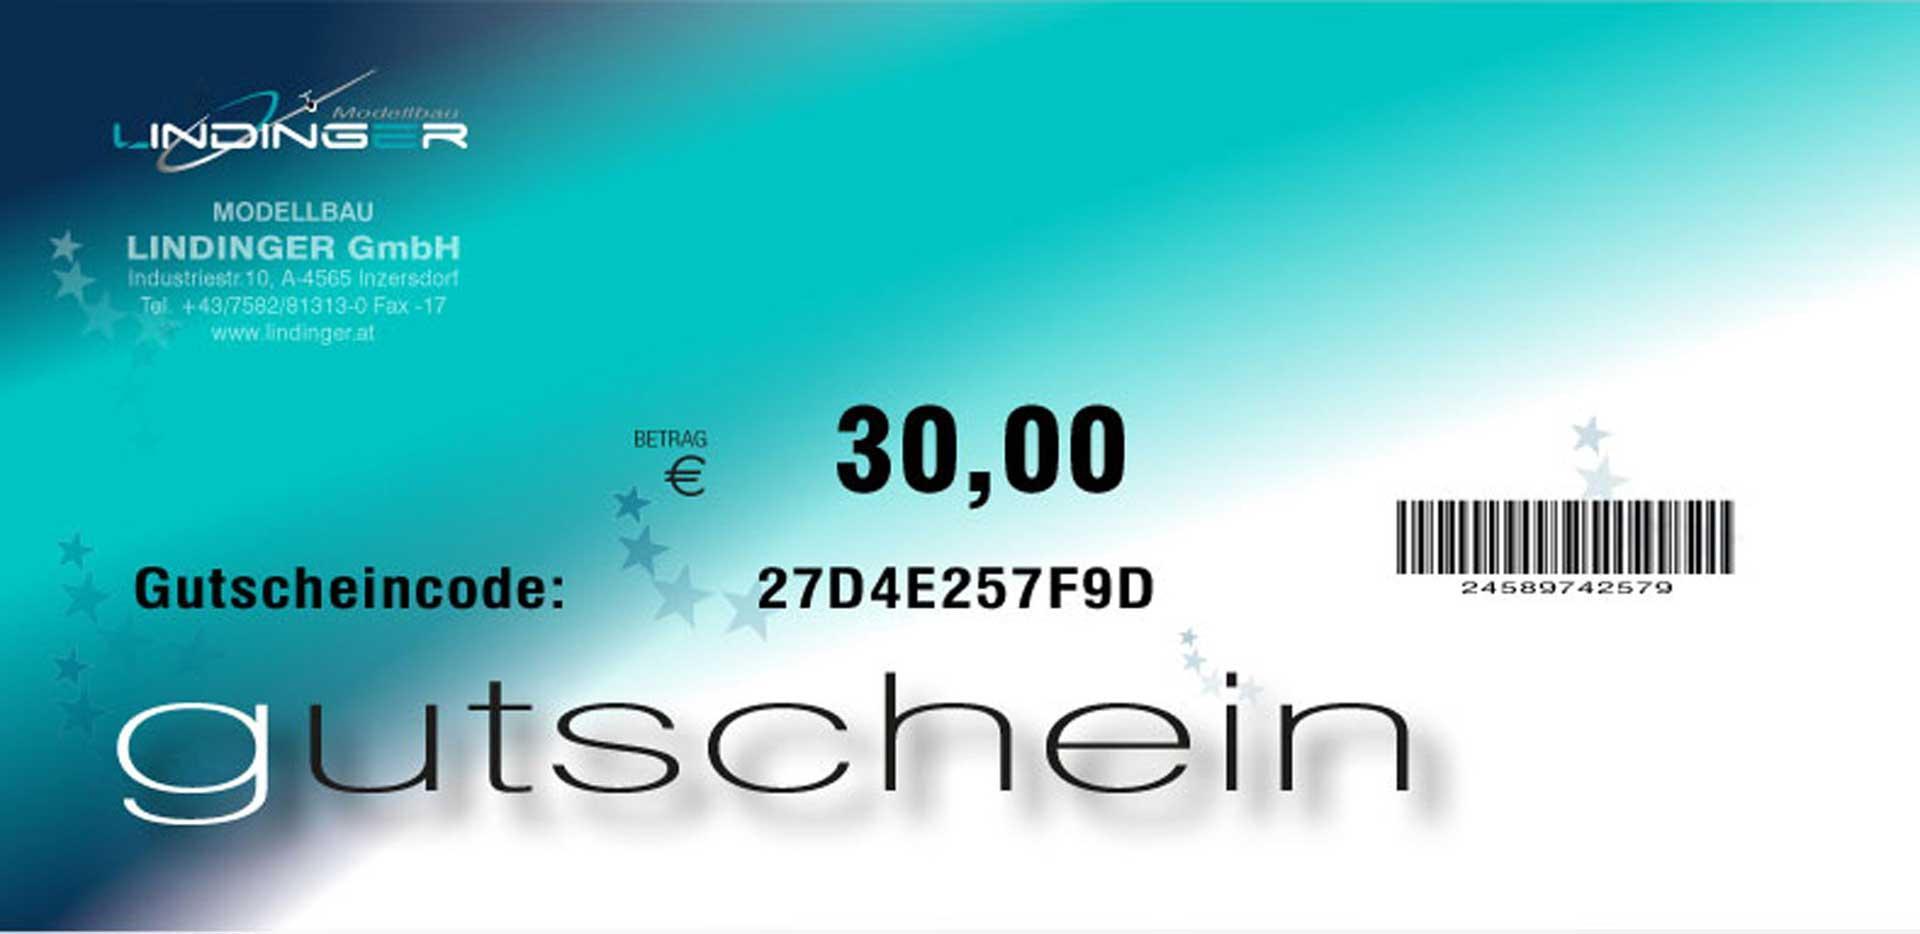 MODELLBAU LINDINGER E-GUTSCHEIN LINDINGER 30,- EURO PDF